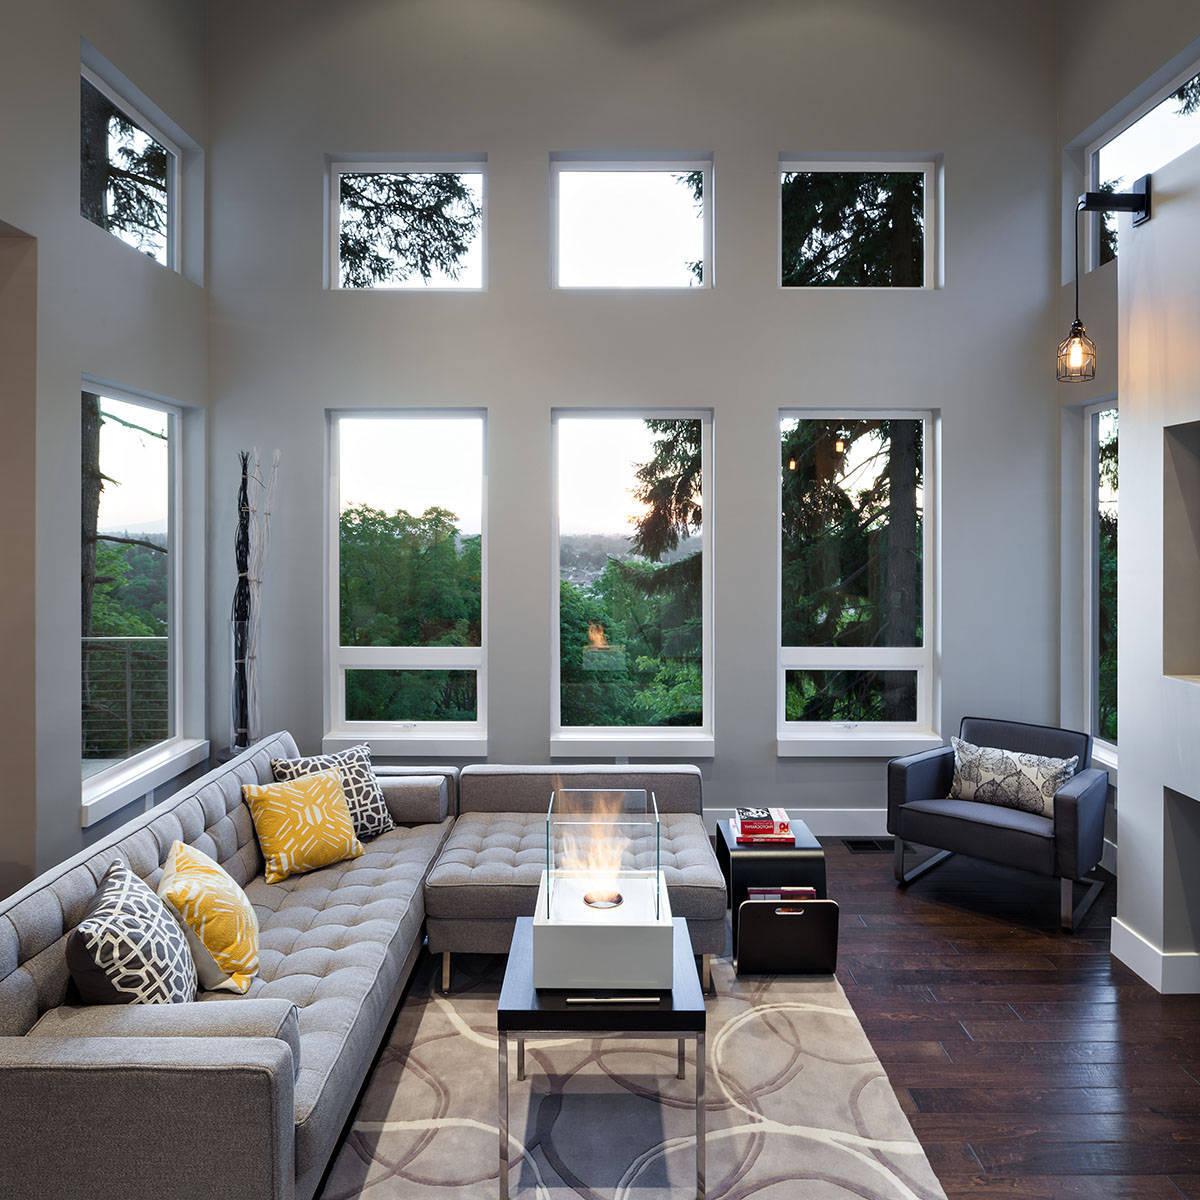 Darf das Wohnzimmer Grau sein: 40 wunderschöne Wohnzimmer Ideen